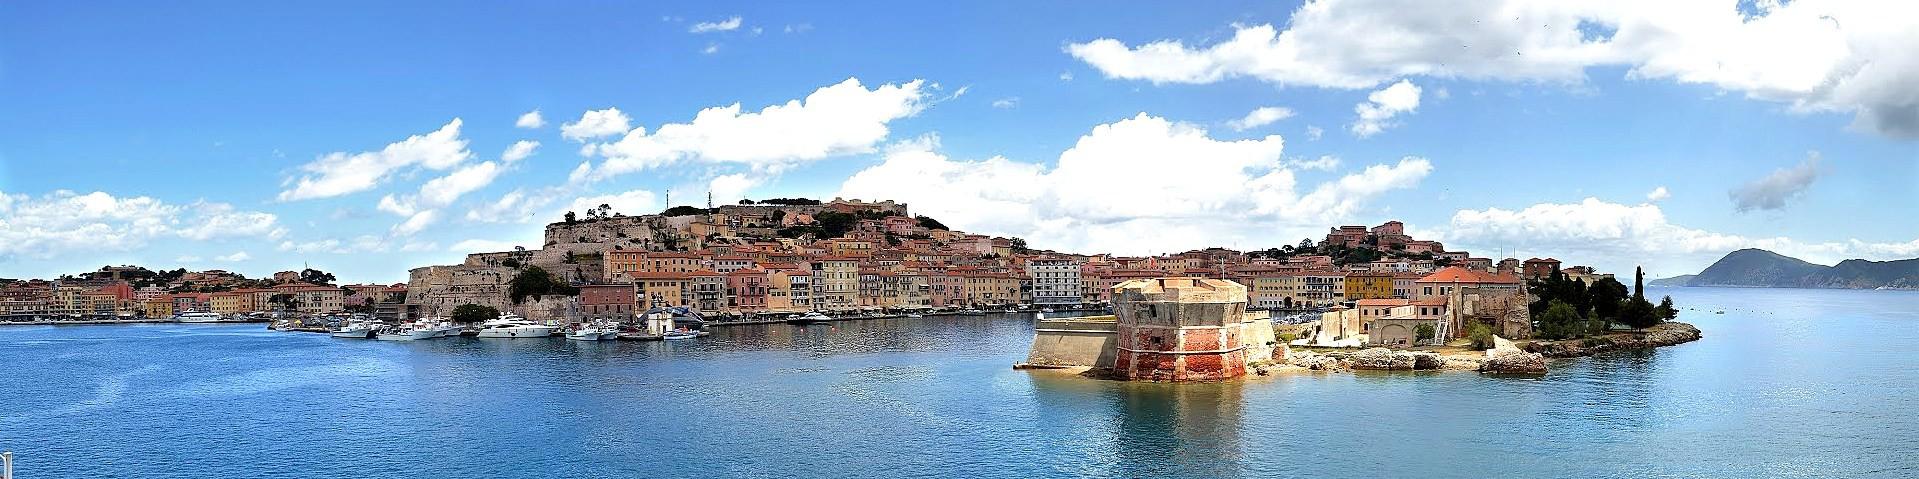 Portoferraio, starý přístav